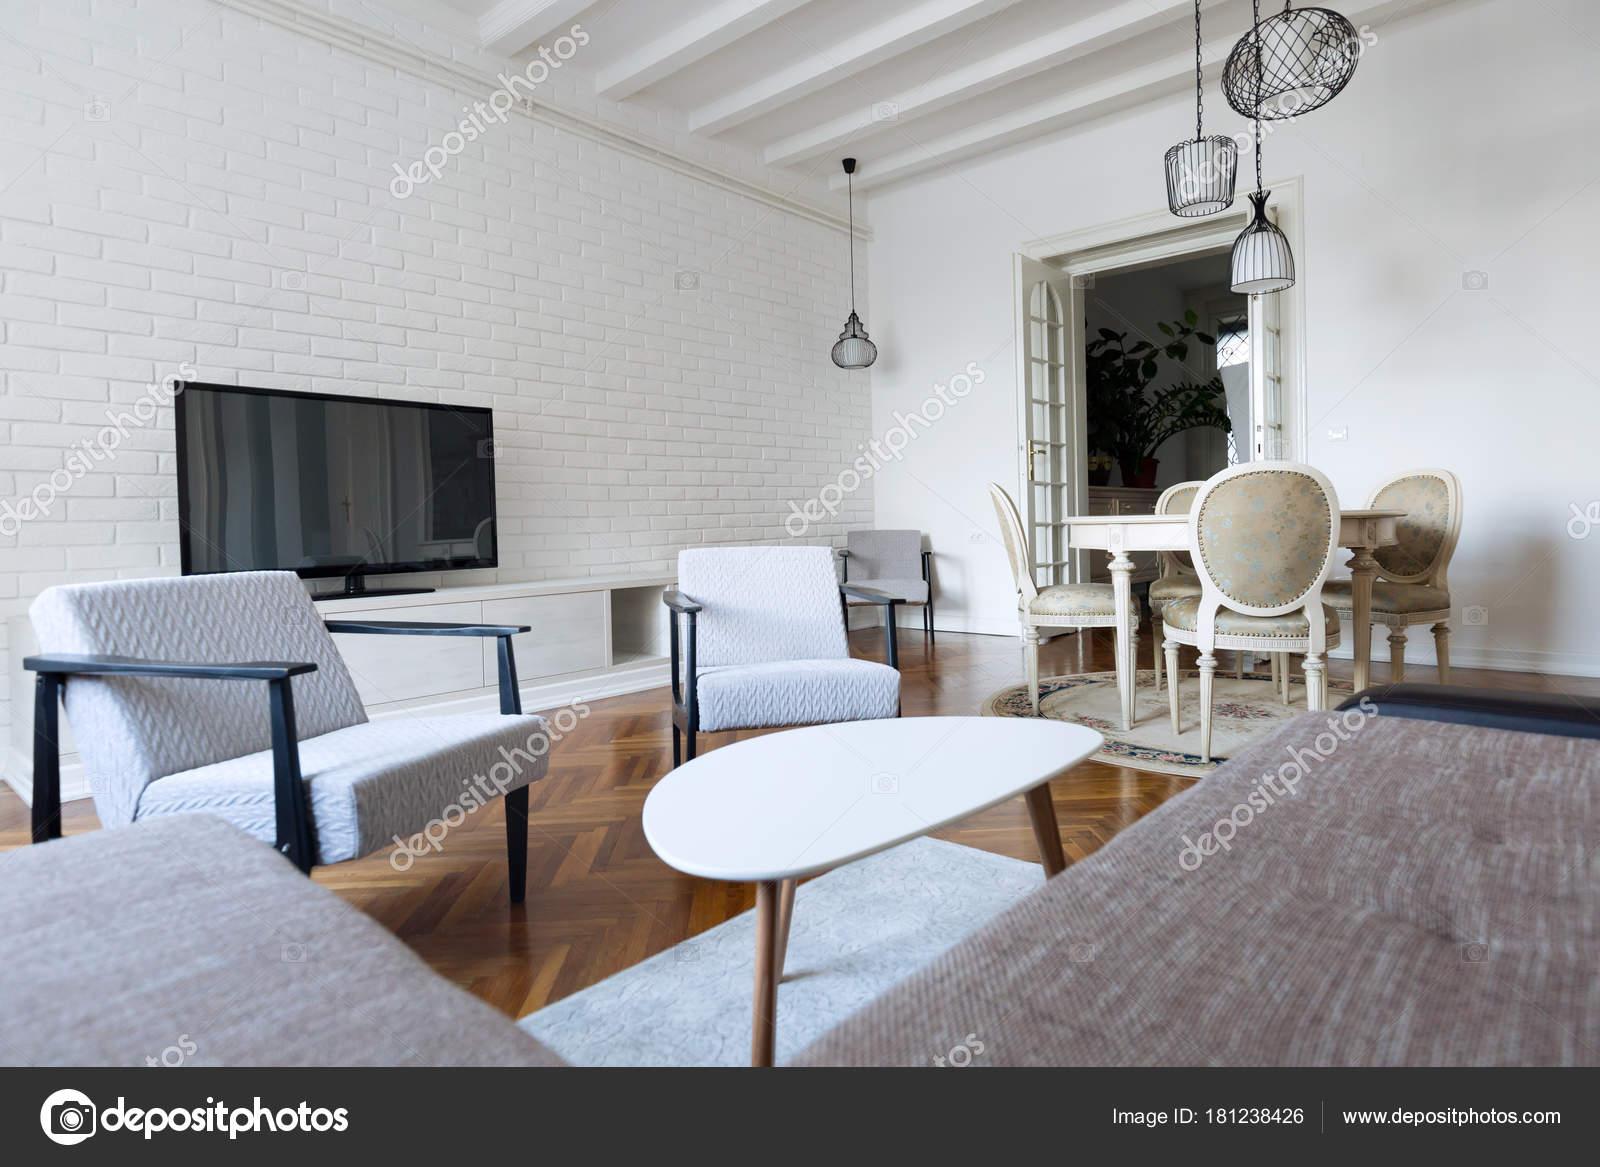 Modern Interieur Woonkamer Met Het Moderne Meubilair — Stockfoto ...